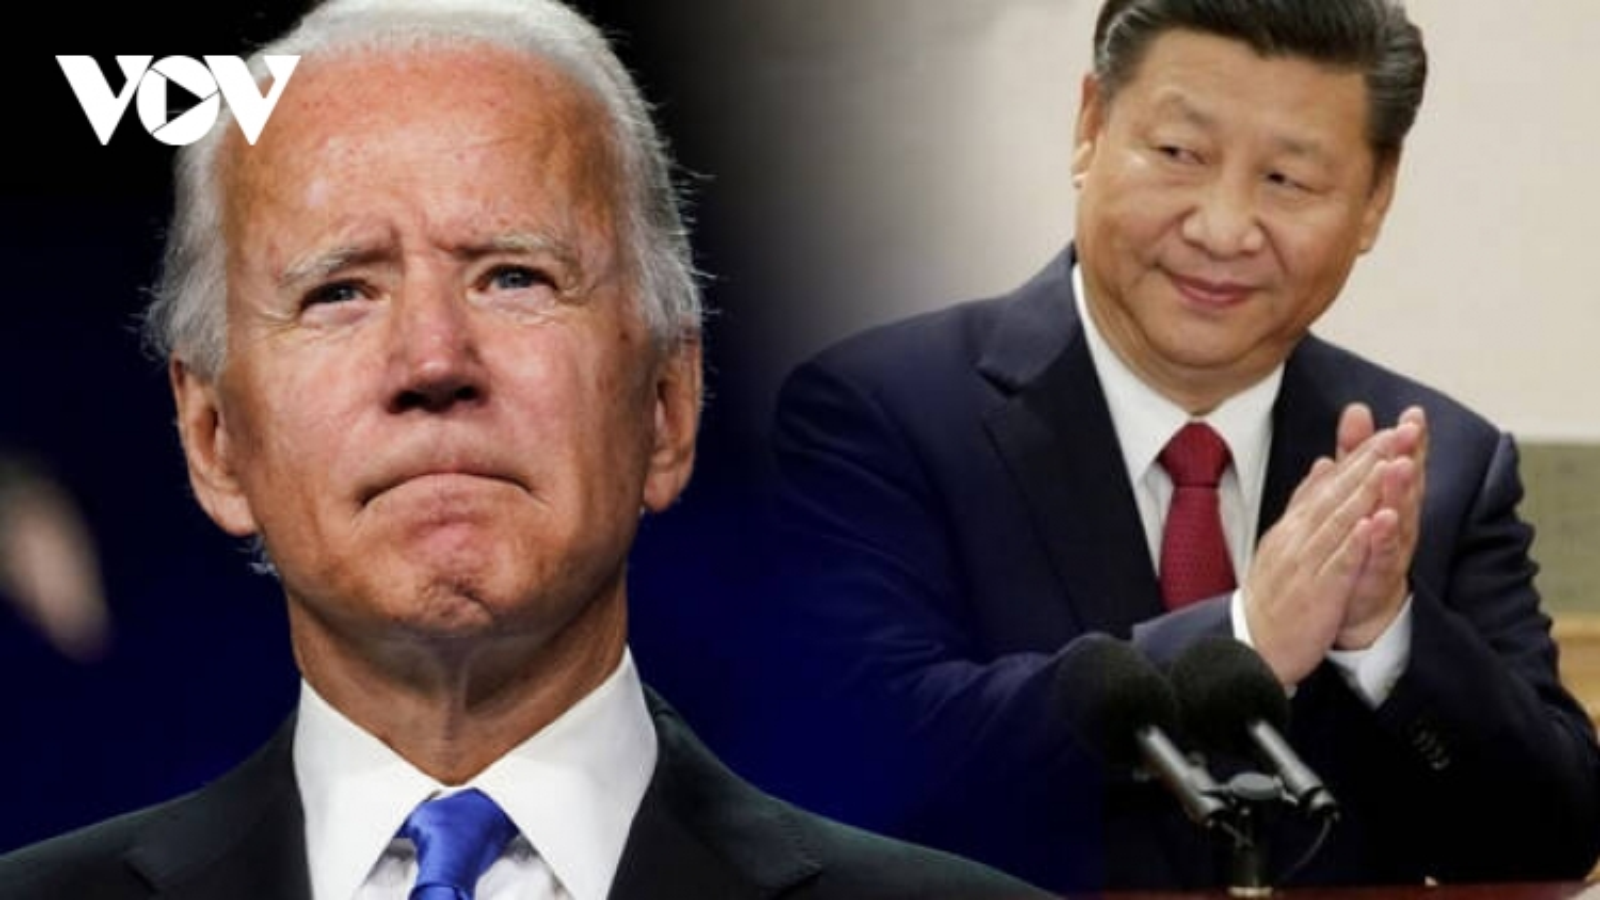 Tổng thống Mỹ Biden lần đầu điện đàm với Chủ tịch Trung Quốc Tập Cận Bình